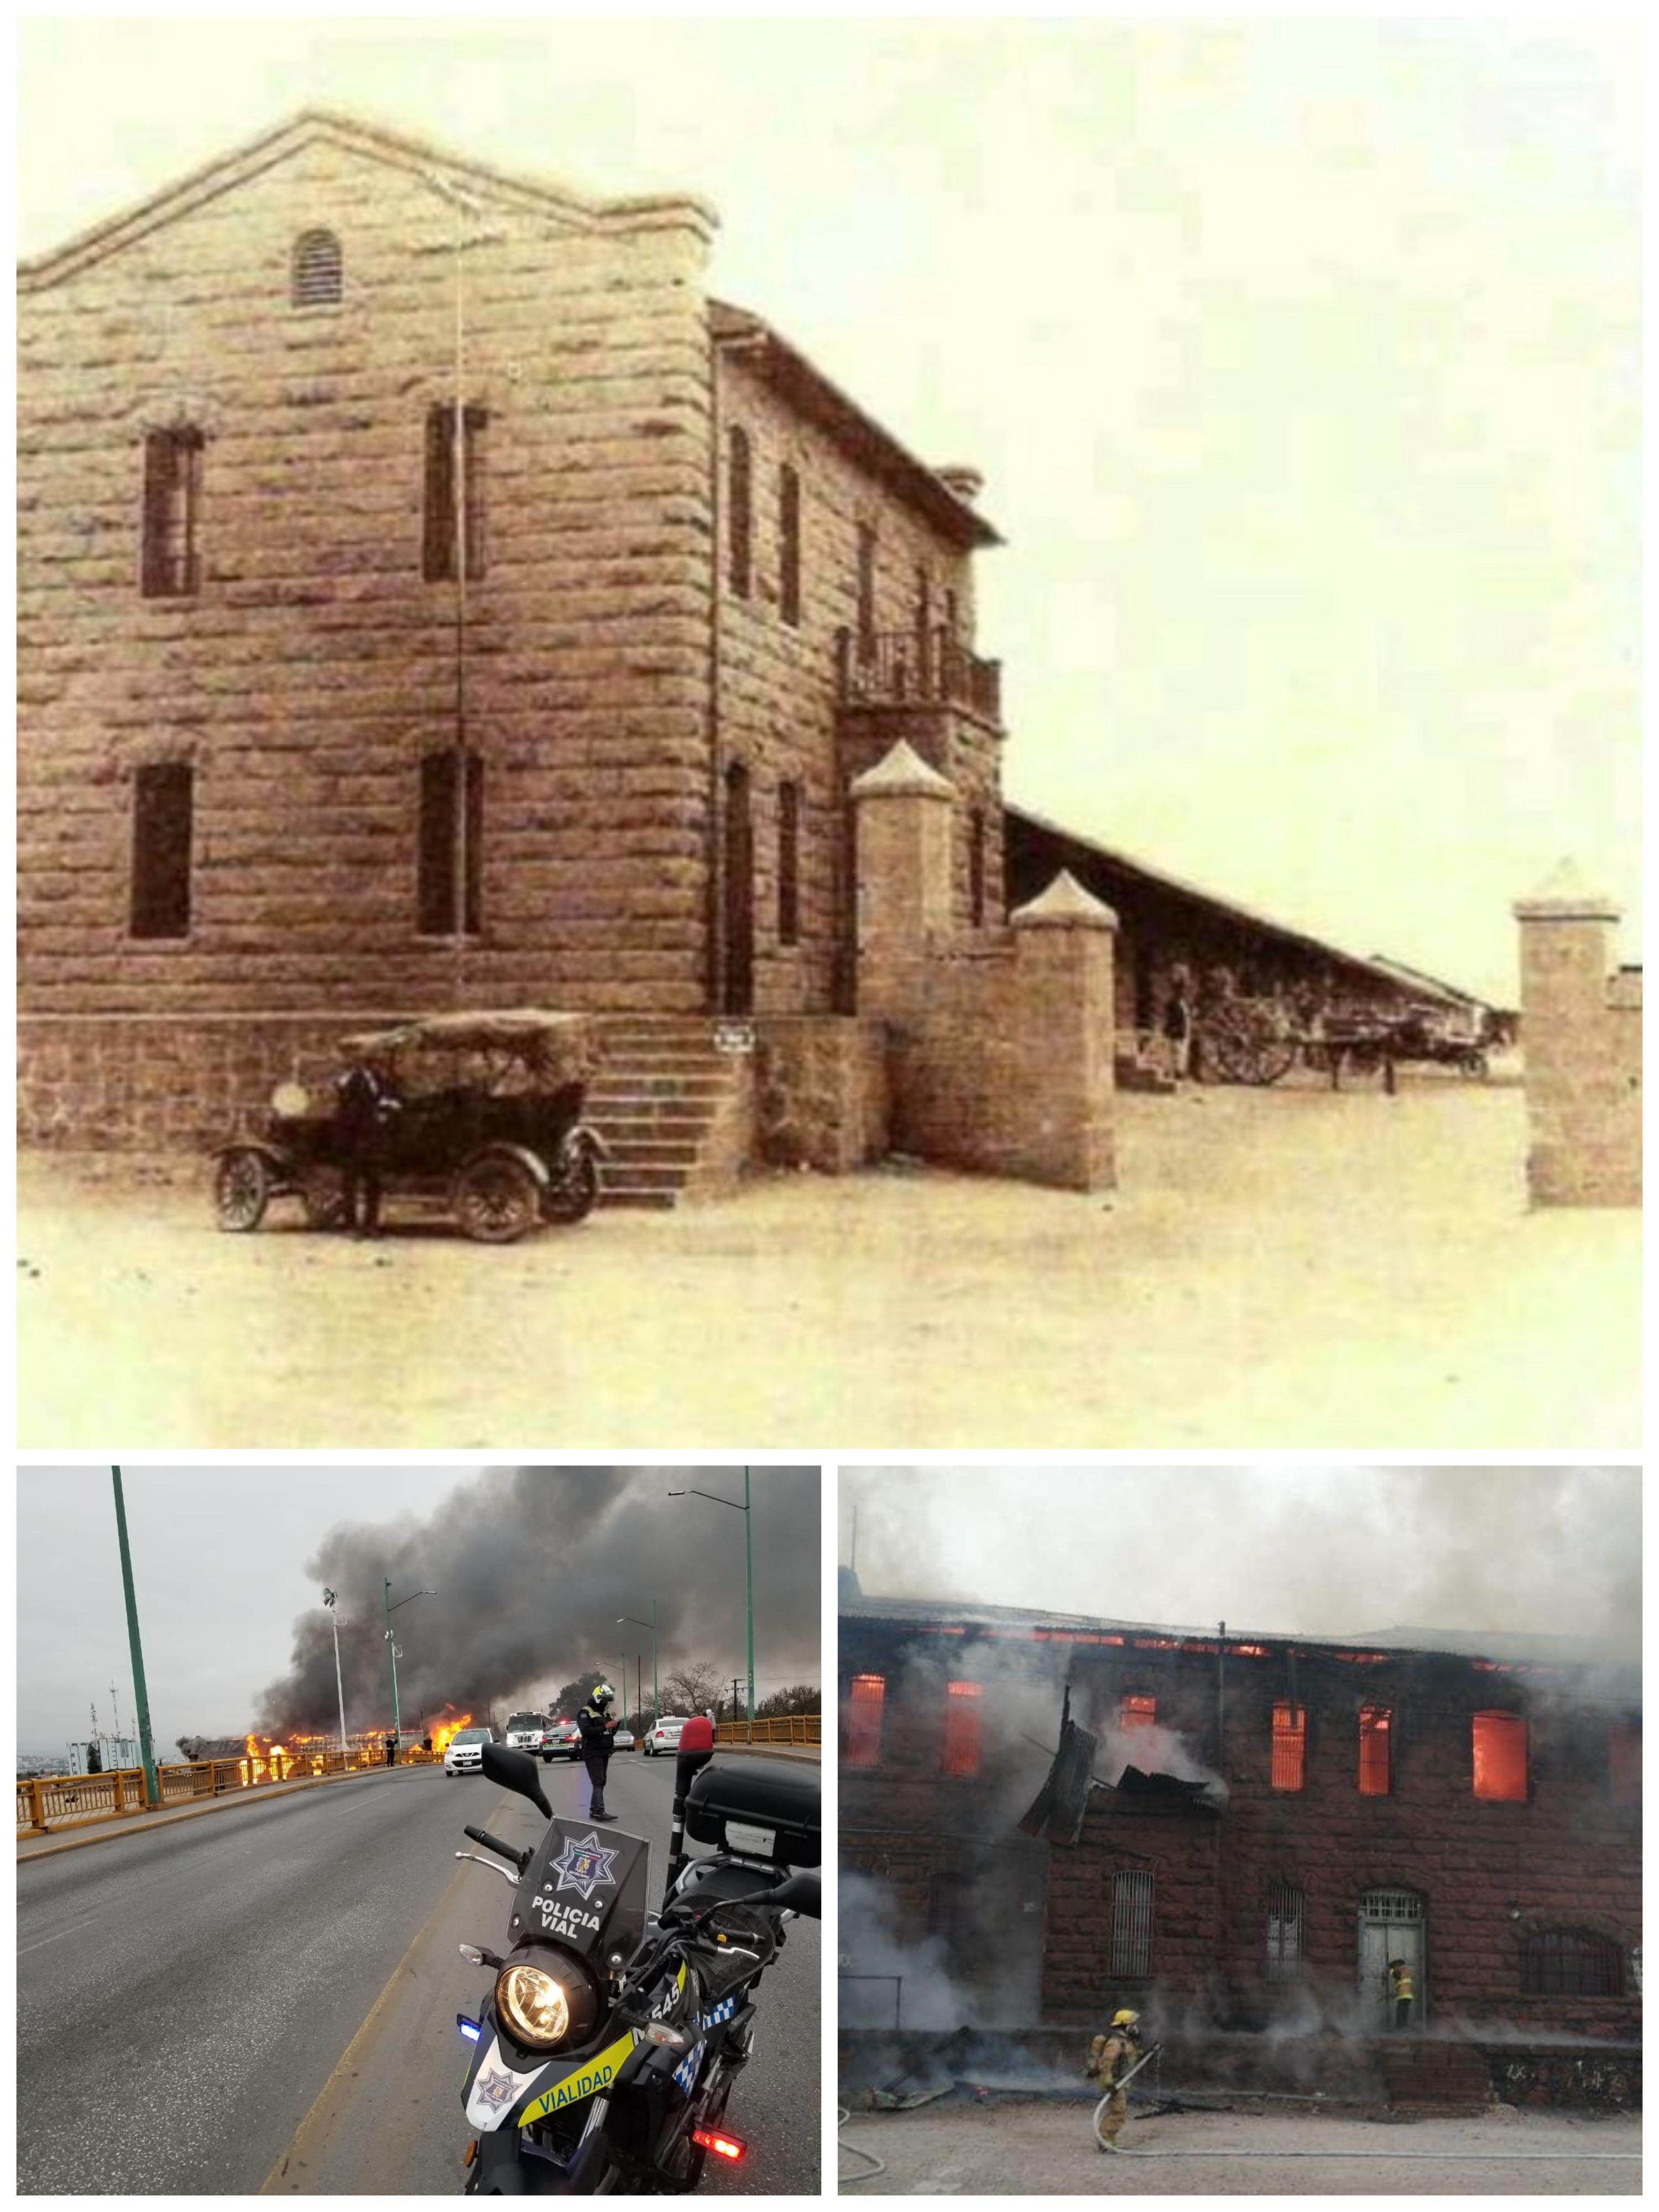 Kansas City, INAH y autoridades de protección civil: responsables del siniestro en edificio histórico